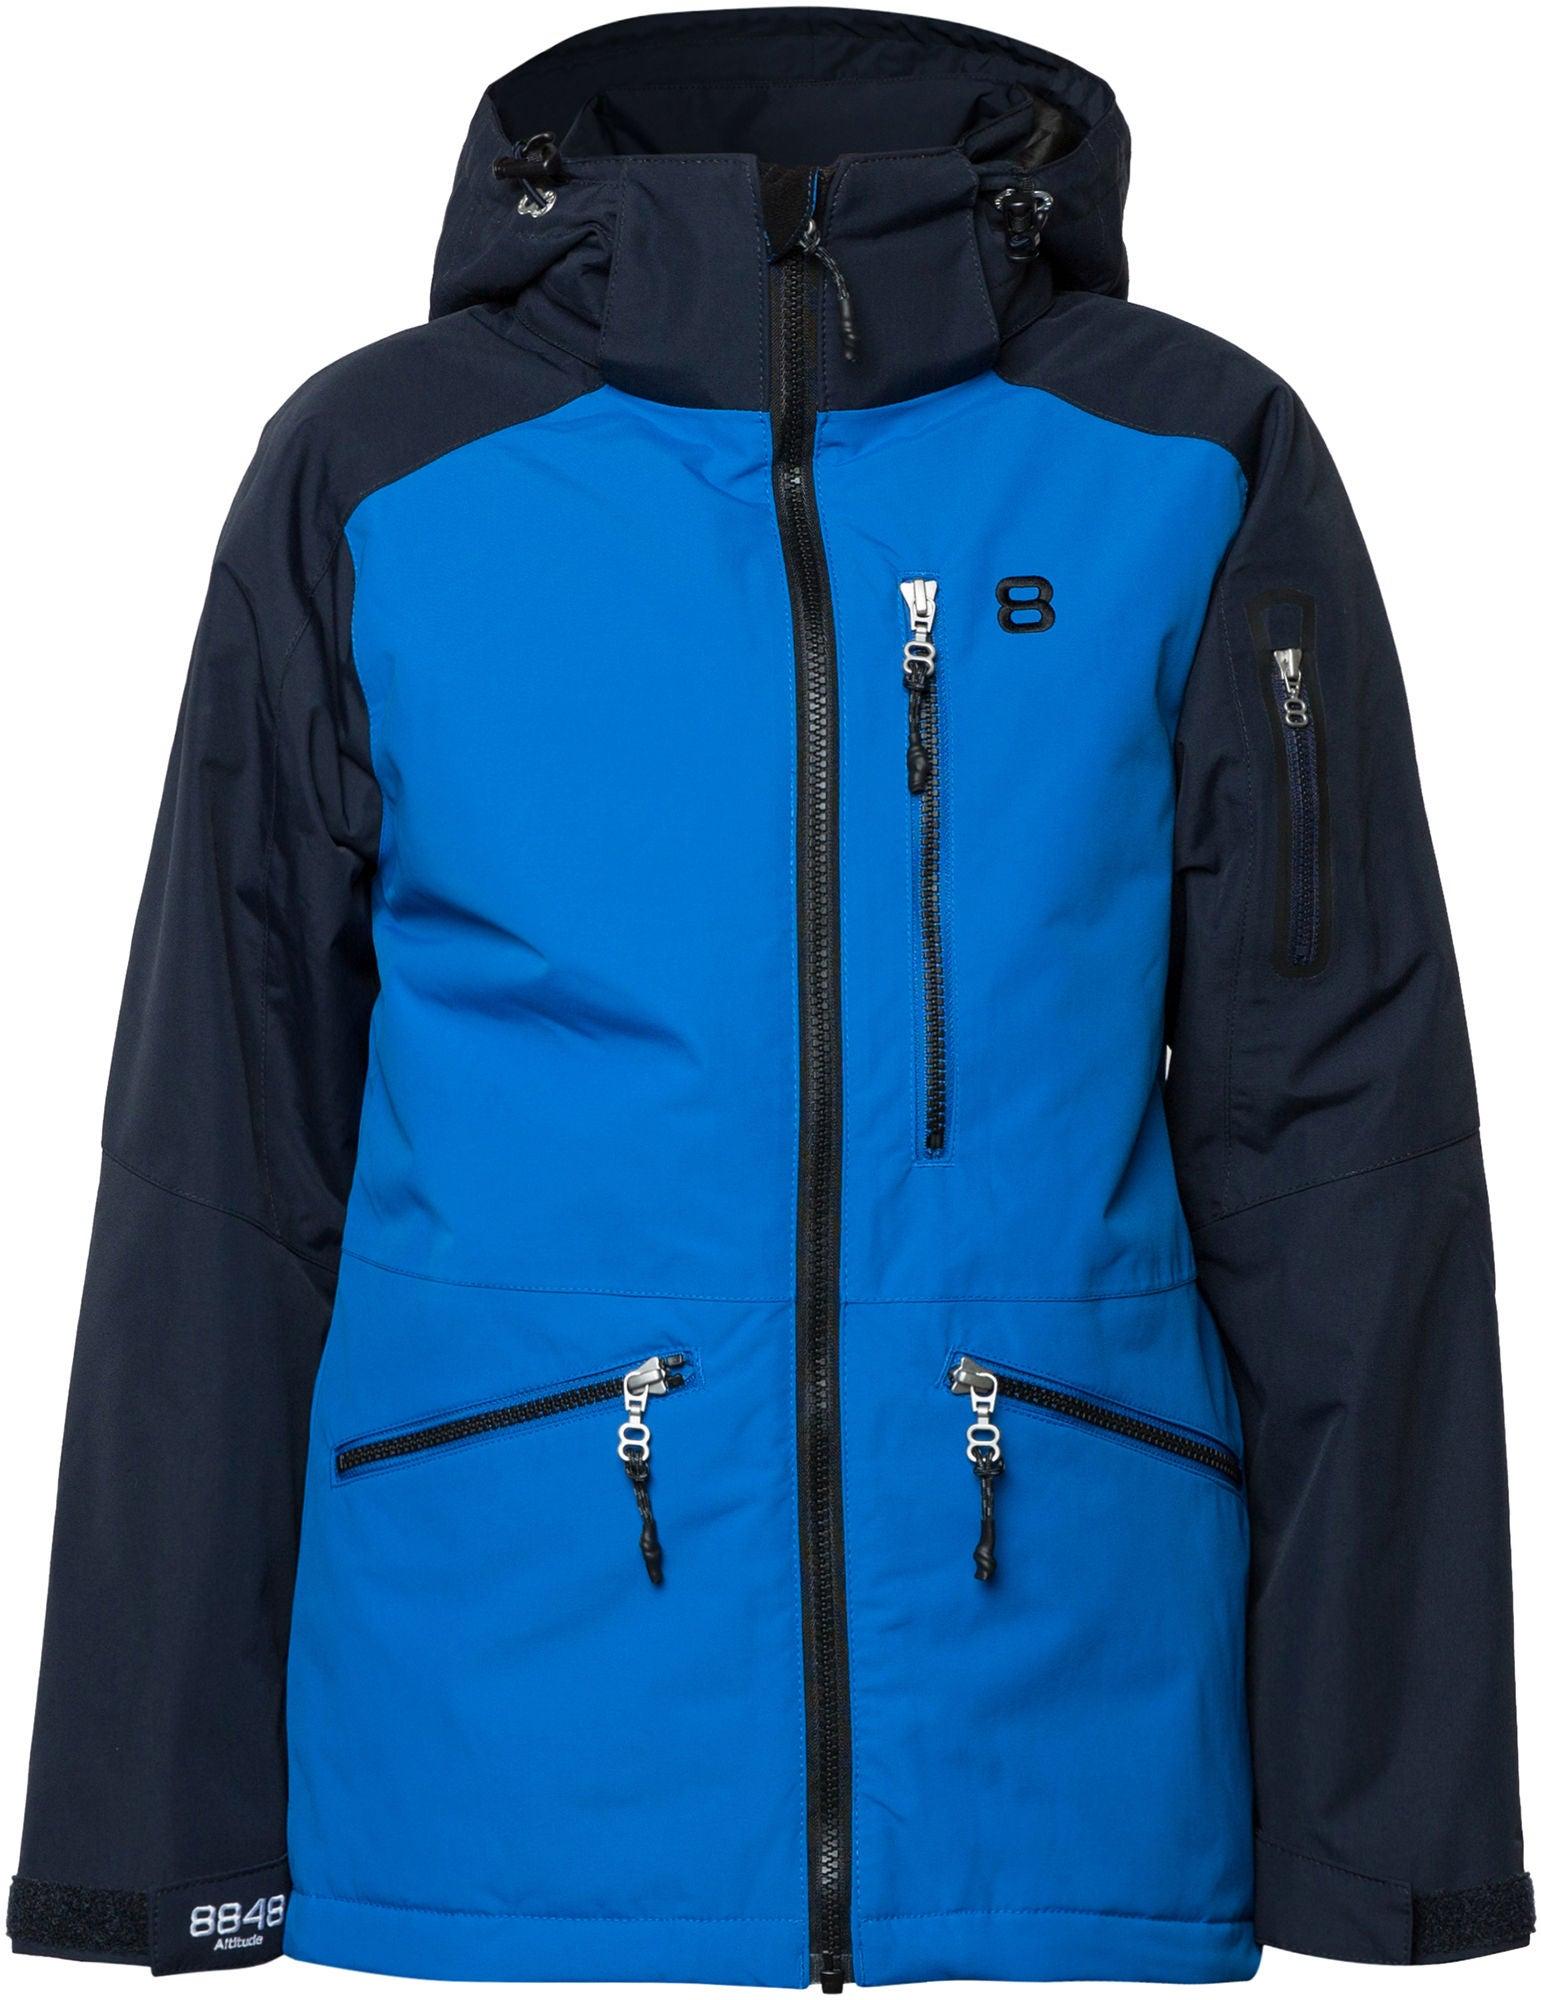 8848 Altitude Harpy Vinterjacka, Blue 120